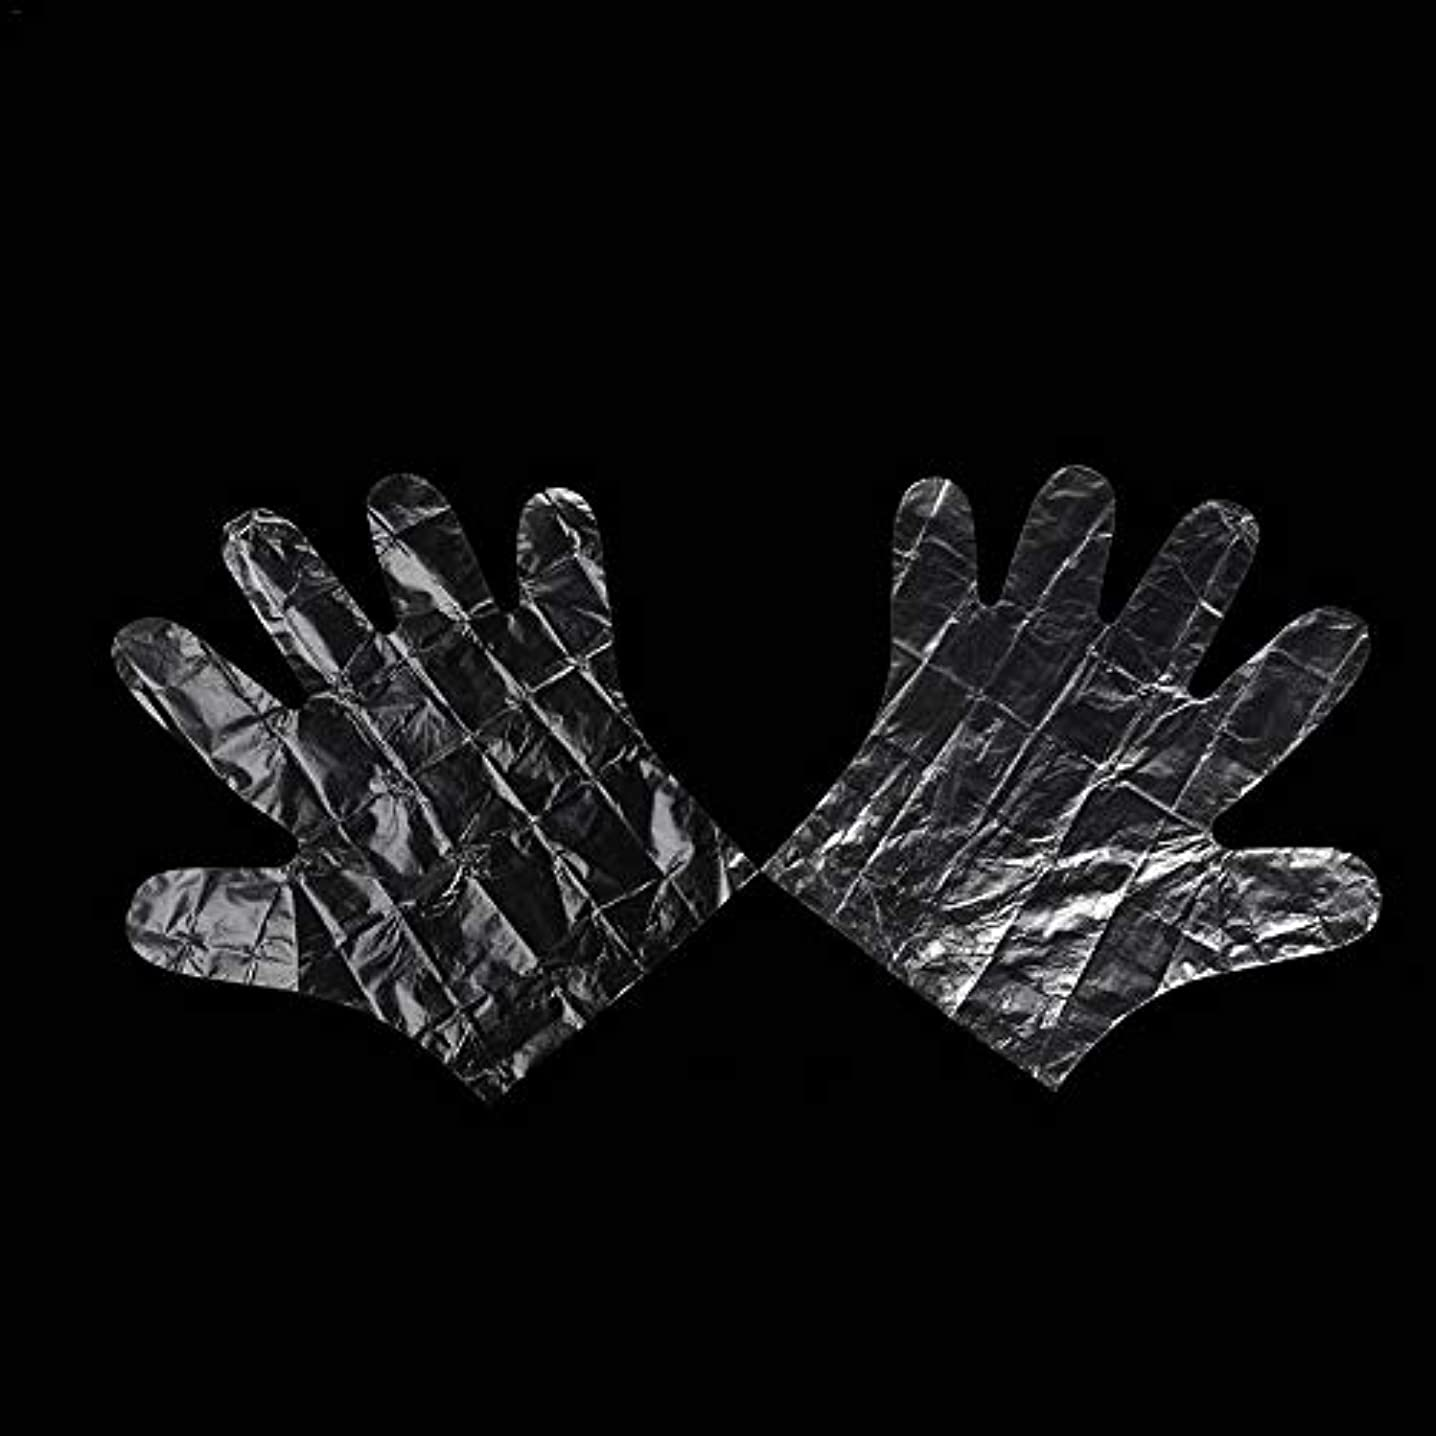 不健康リッチソブリケットhopefull 使い捨て手袋 子供用 極薄ビニール手袋 ポリエチレン 透明 実用 衛生 100枚/200m枚セット 左右兼用 gifts